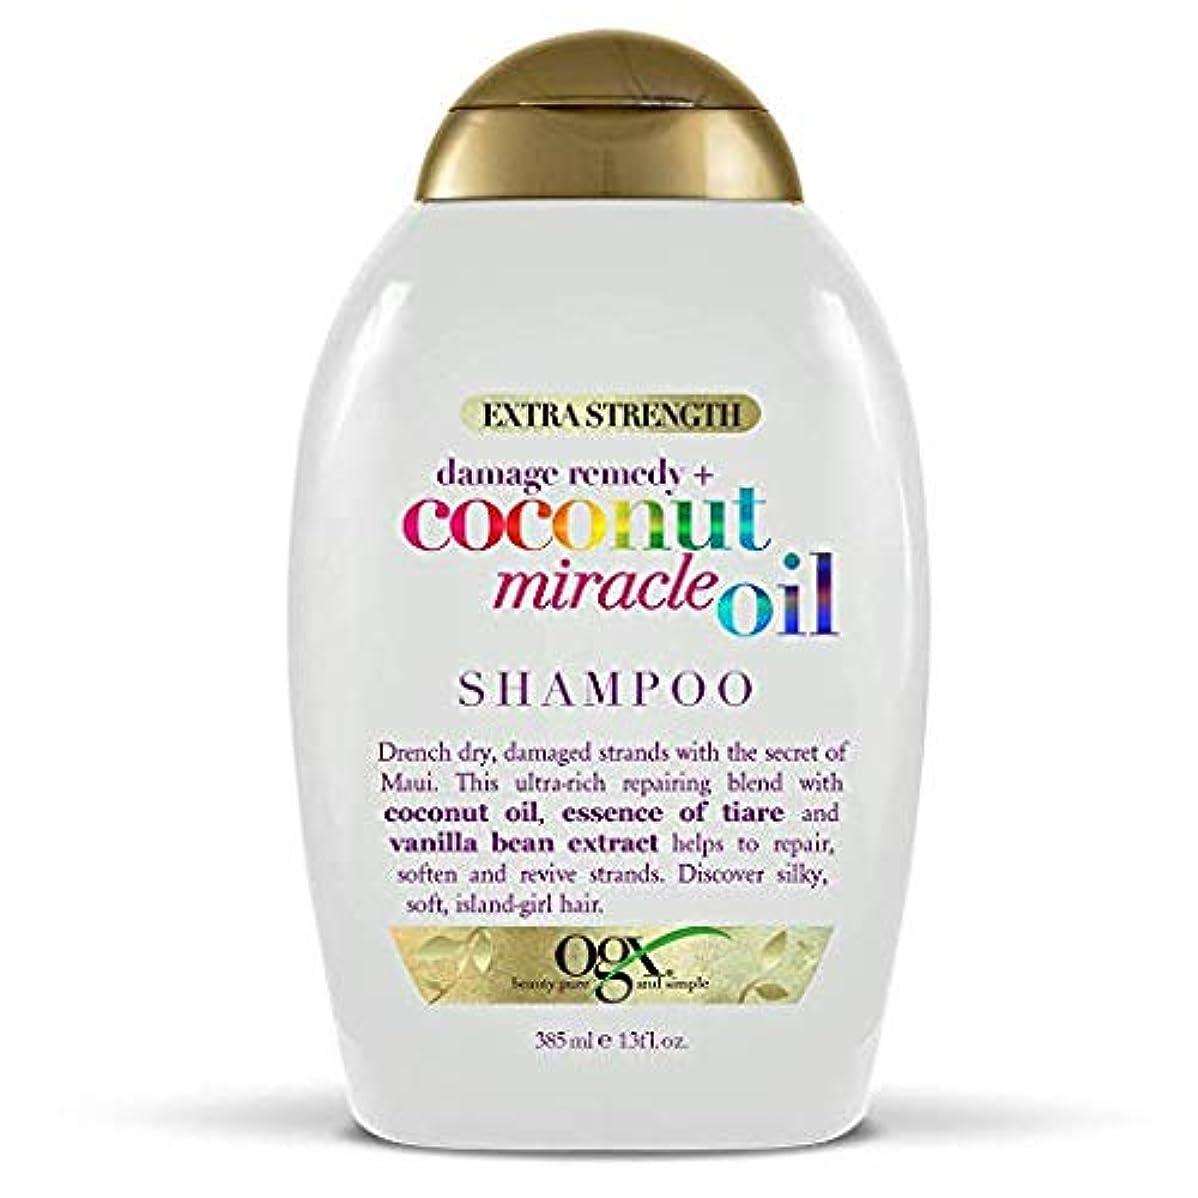 クルーズ気を散らすセンサーOgx Shampoo Coconut Miracle Oil Extra Strength 13oz OGX ココナッツミラクルオイル エクストラストレングス シャンプー 385ml [並行輸入品]